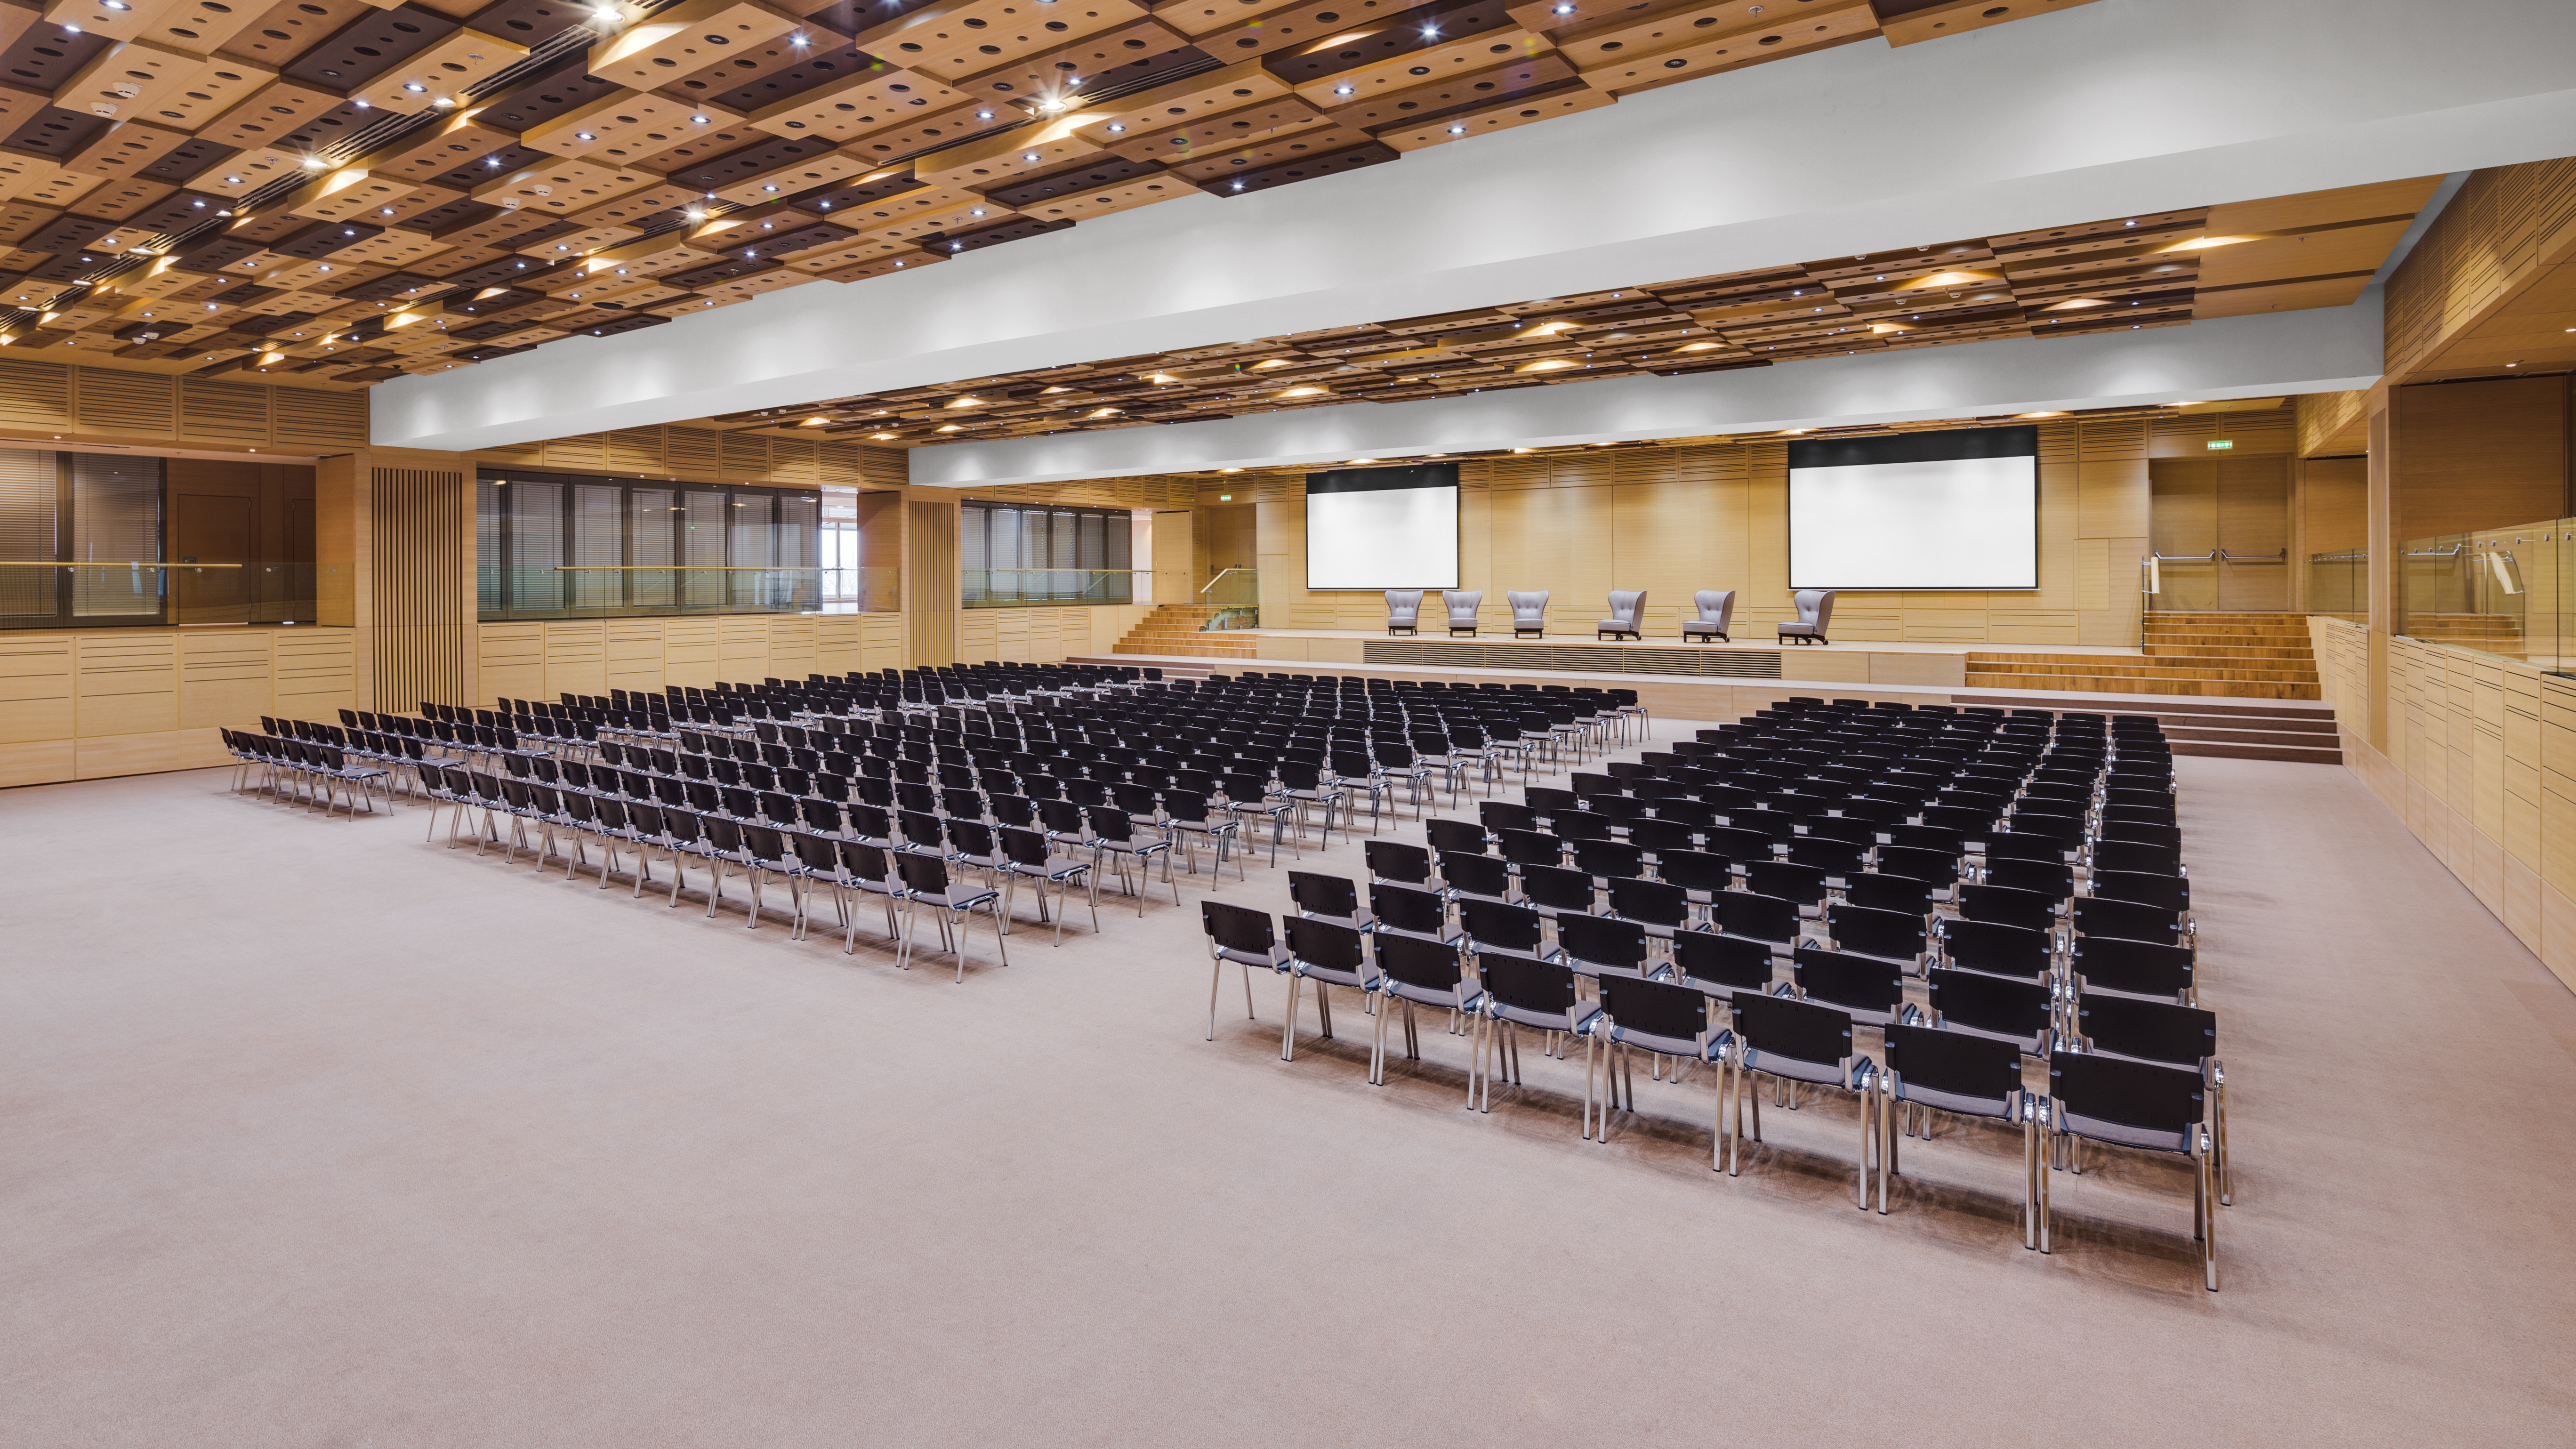 В ЦЕНТРЕ СОБЫТИЙ: конгрессно-выставочный центр «Парковый» — лучшее место для мероприятий на наивысшем уровне